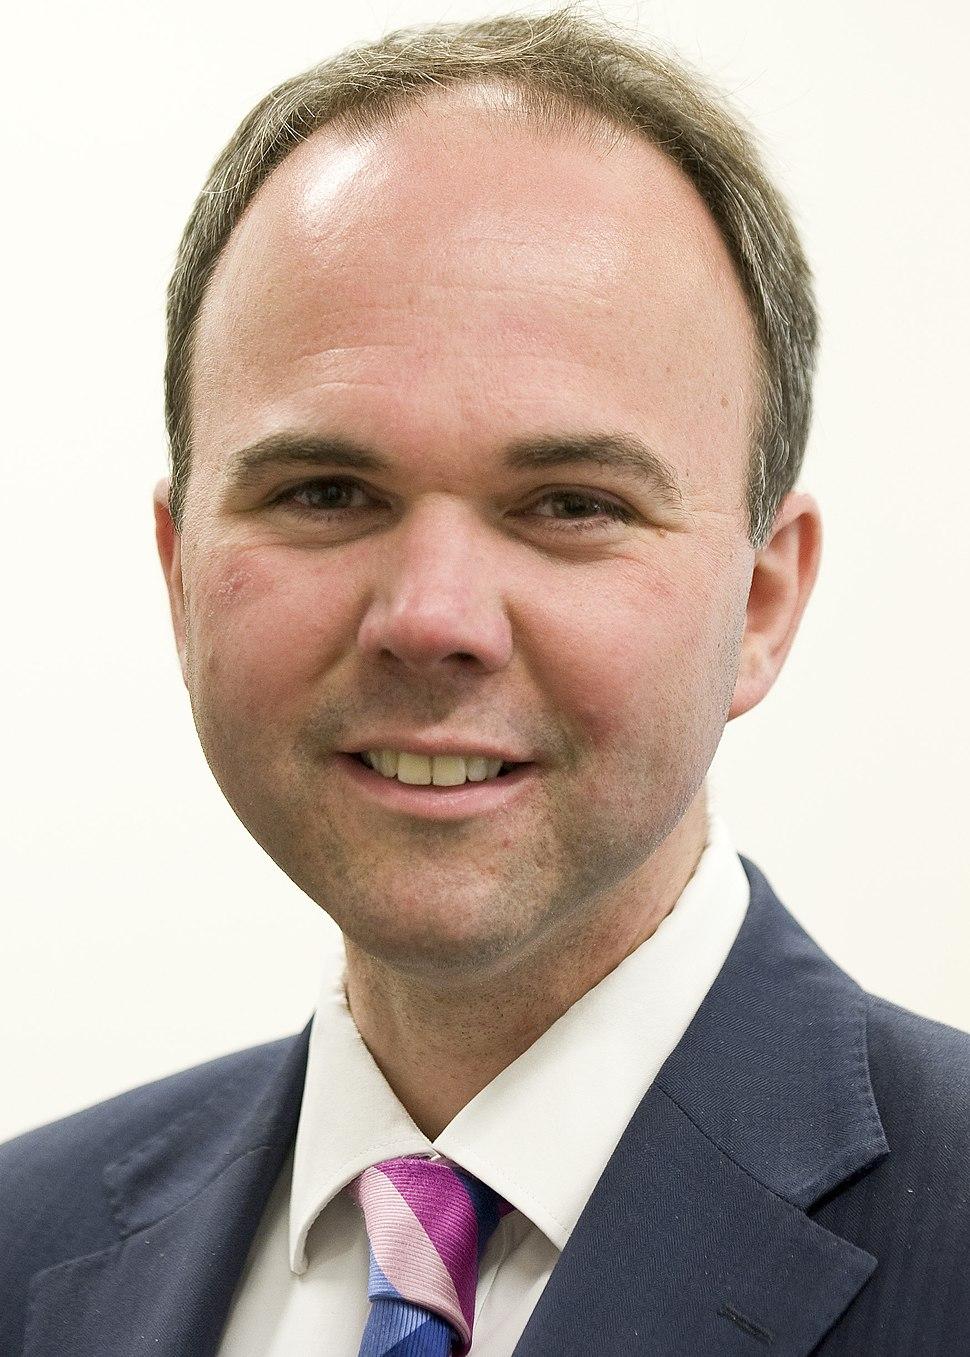 Portrait of Gavin Barwell in 2015